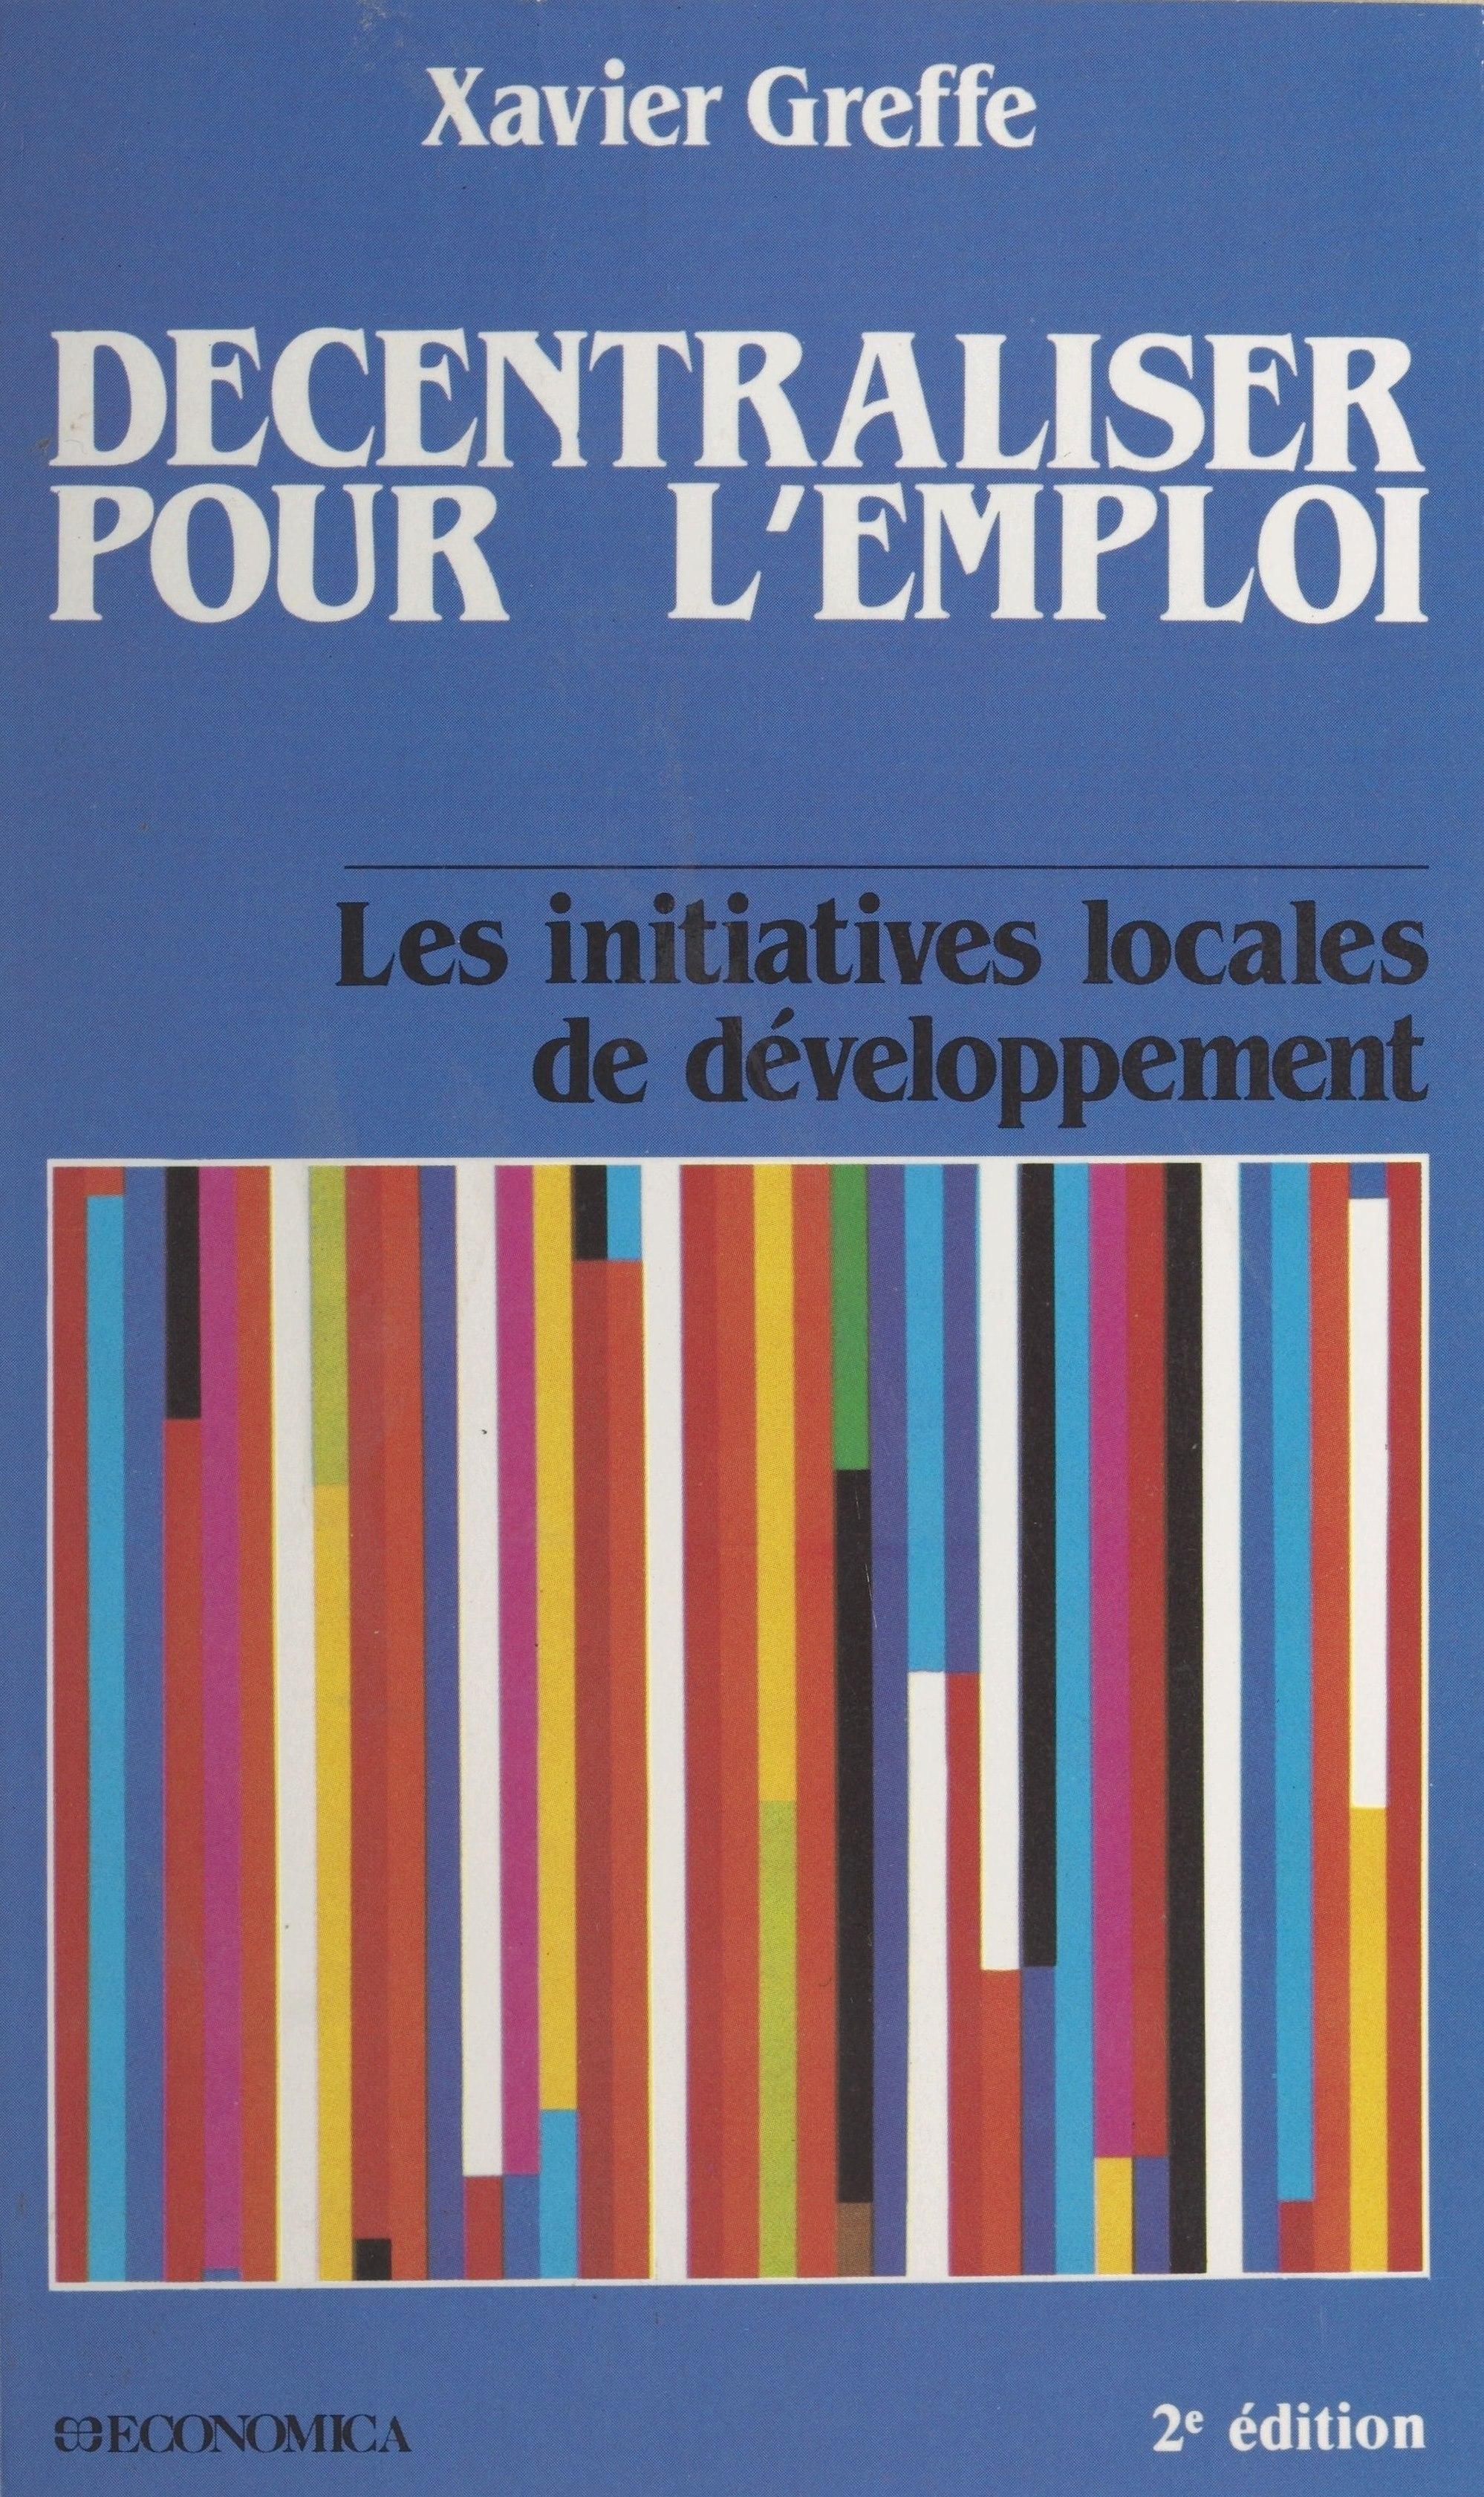 Décentraliser pour l'emploi : les initiatives locales de développement